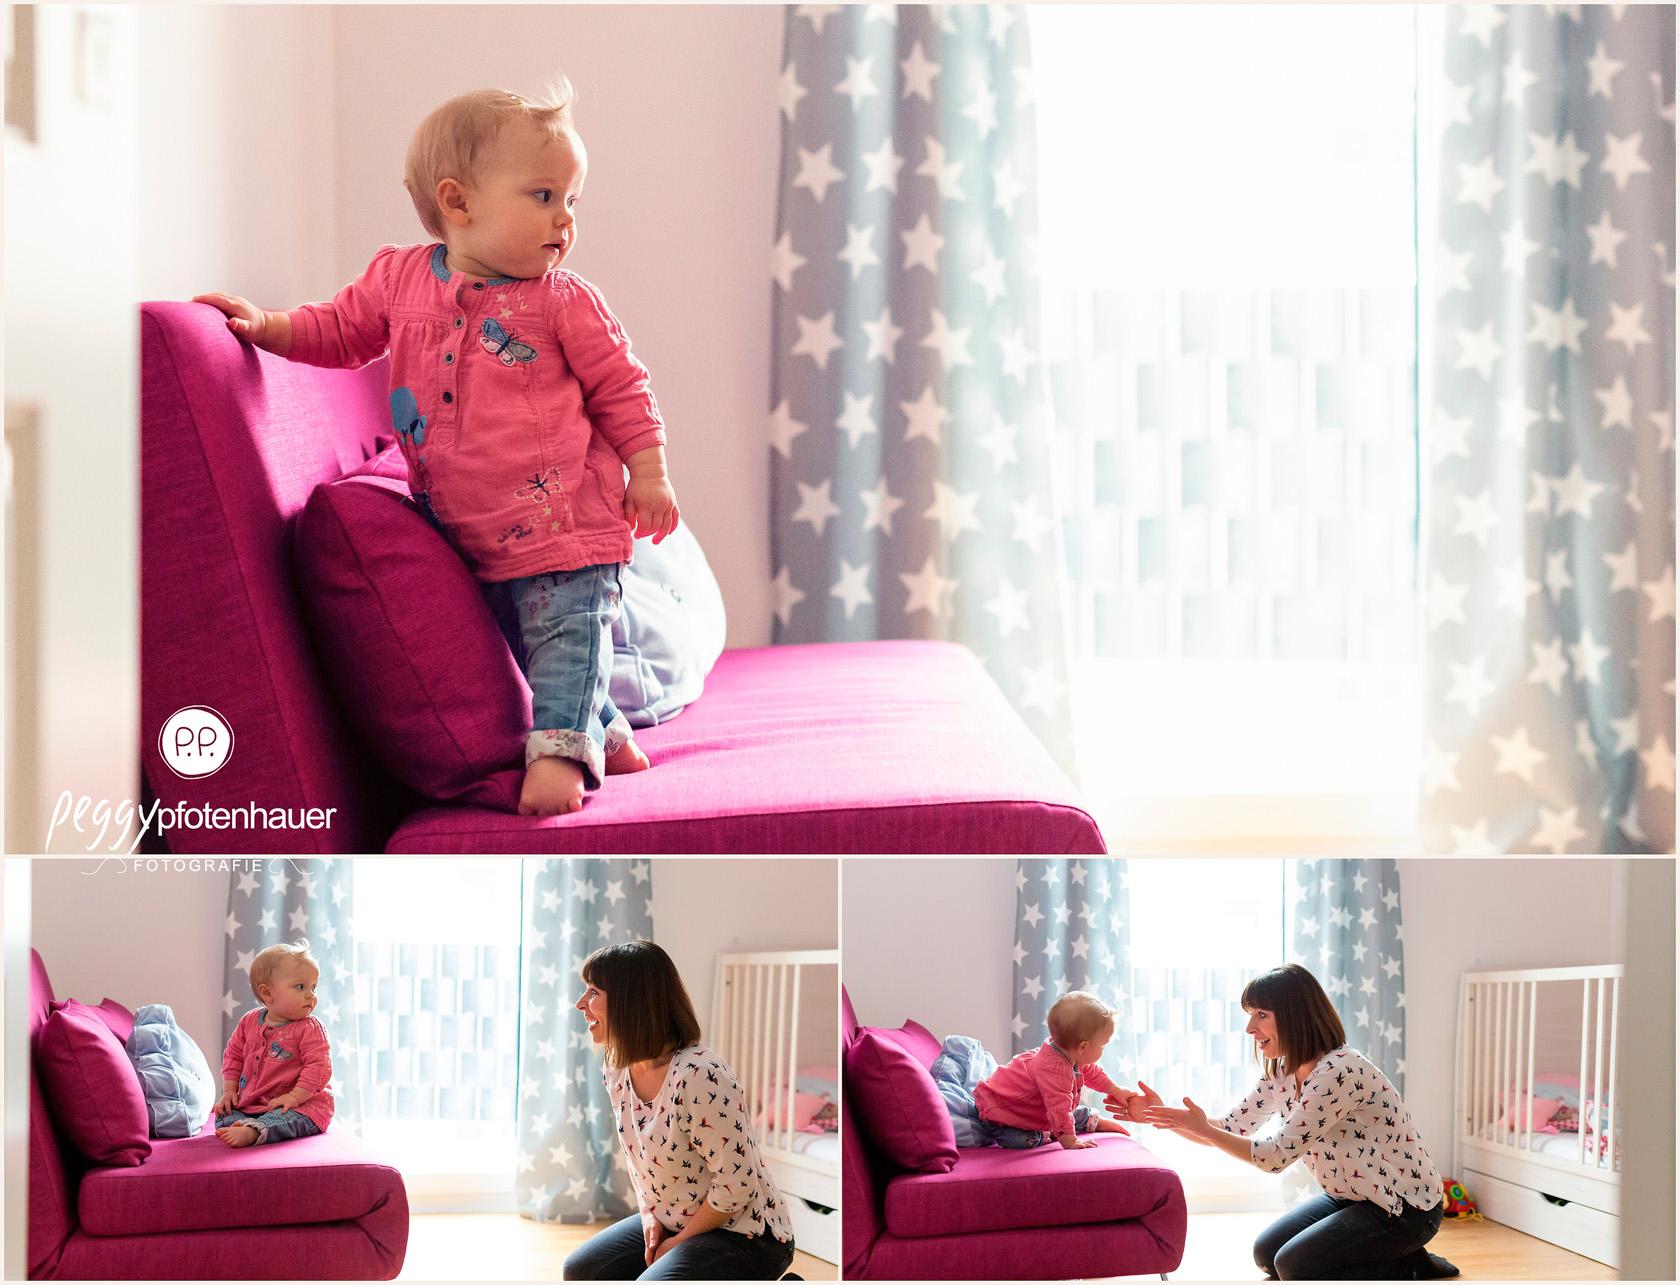 authentische Kinderbilder zu Hause Peggy Pfotenhauer Fotografie